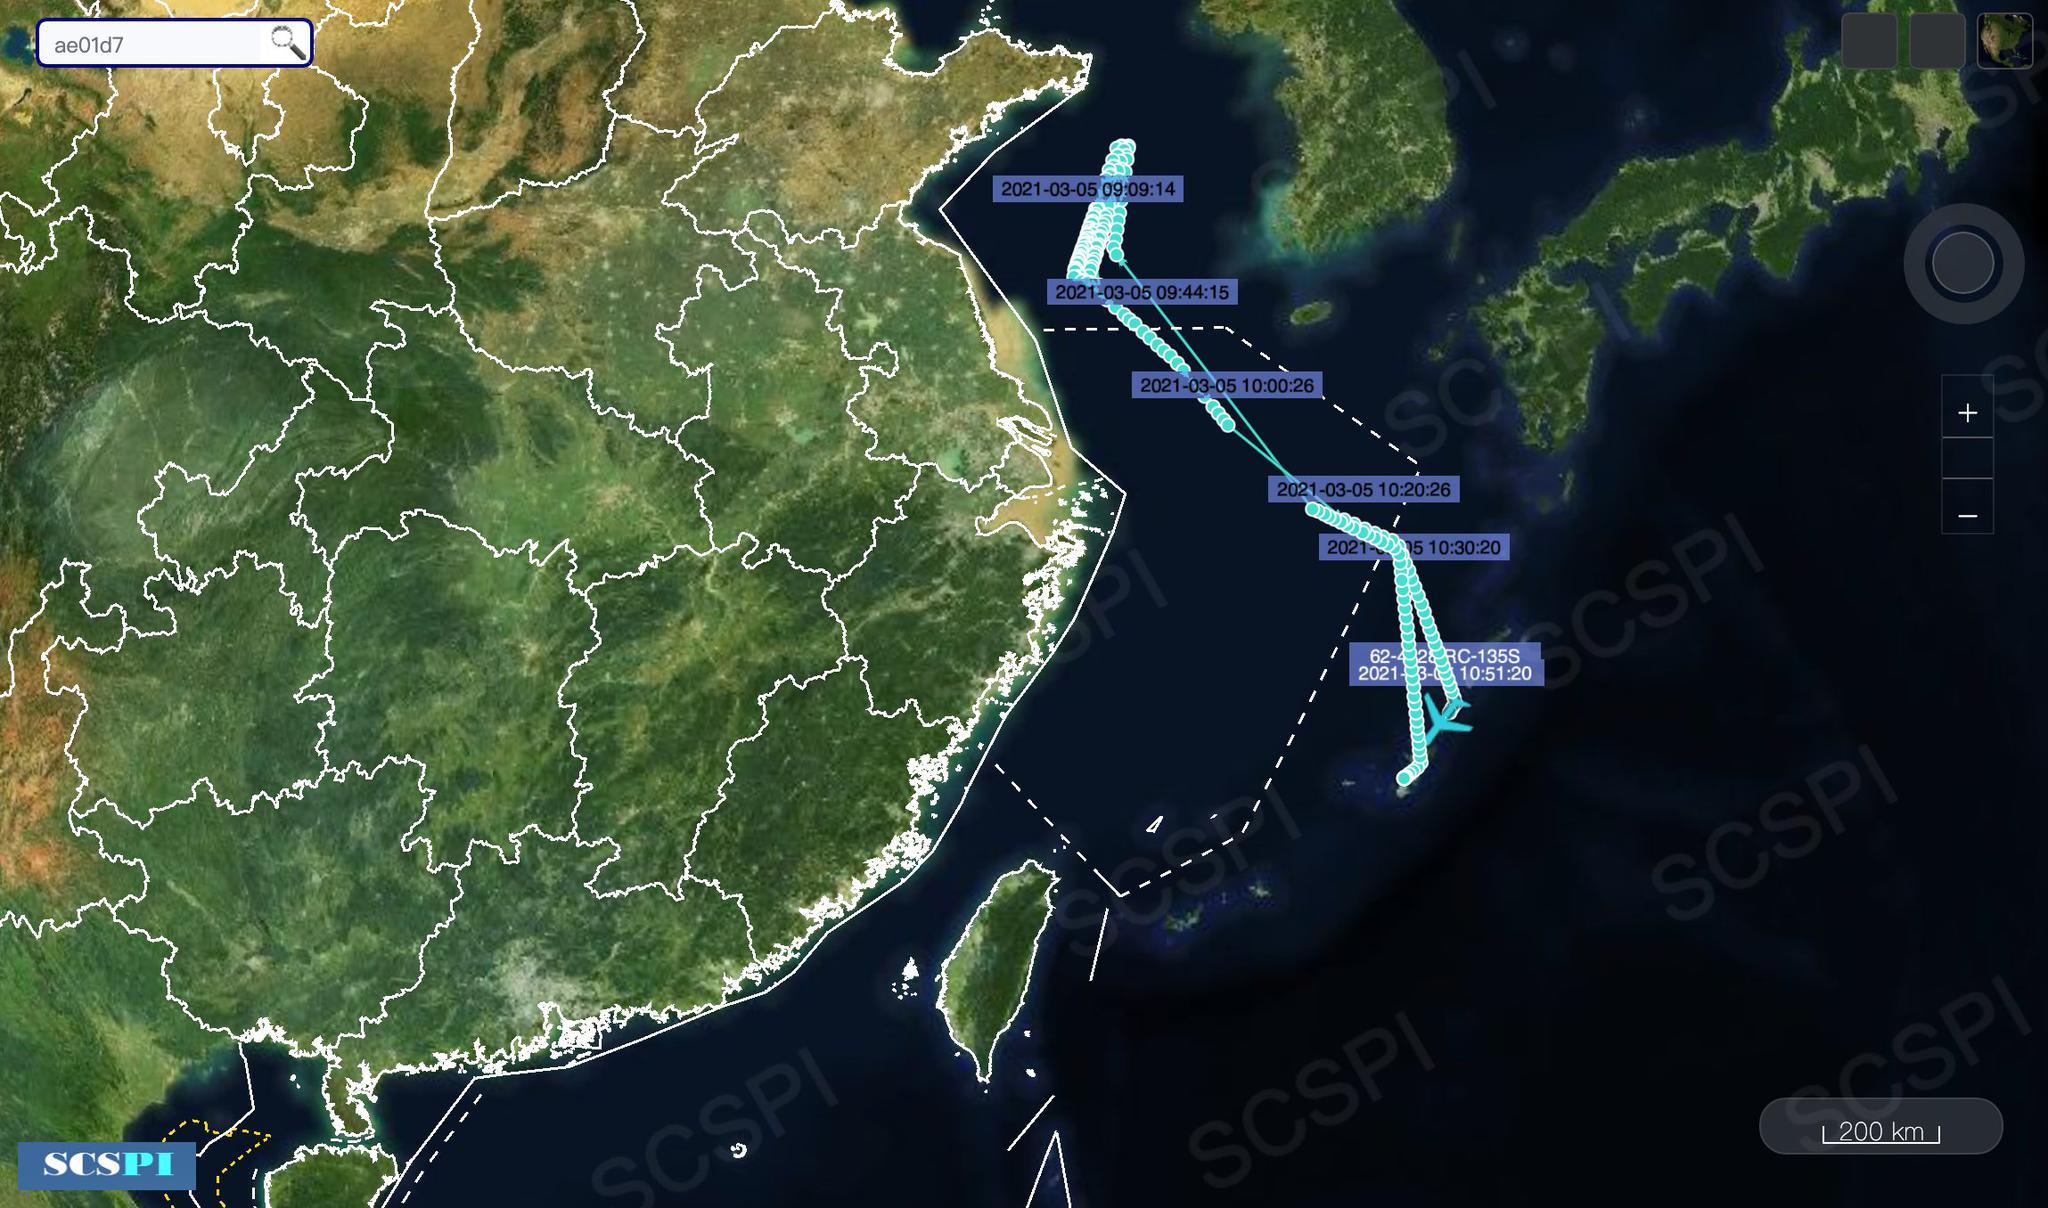 美军侦察机前往黄海侦察:在胶东半岛以南空域往复盘旋